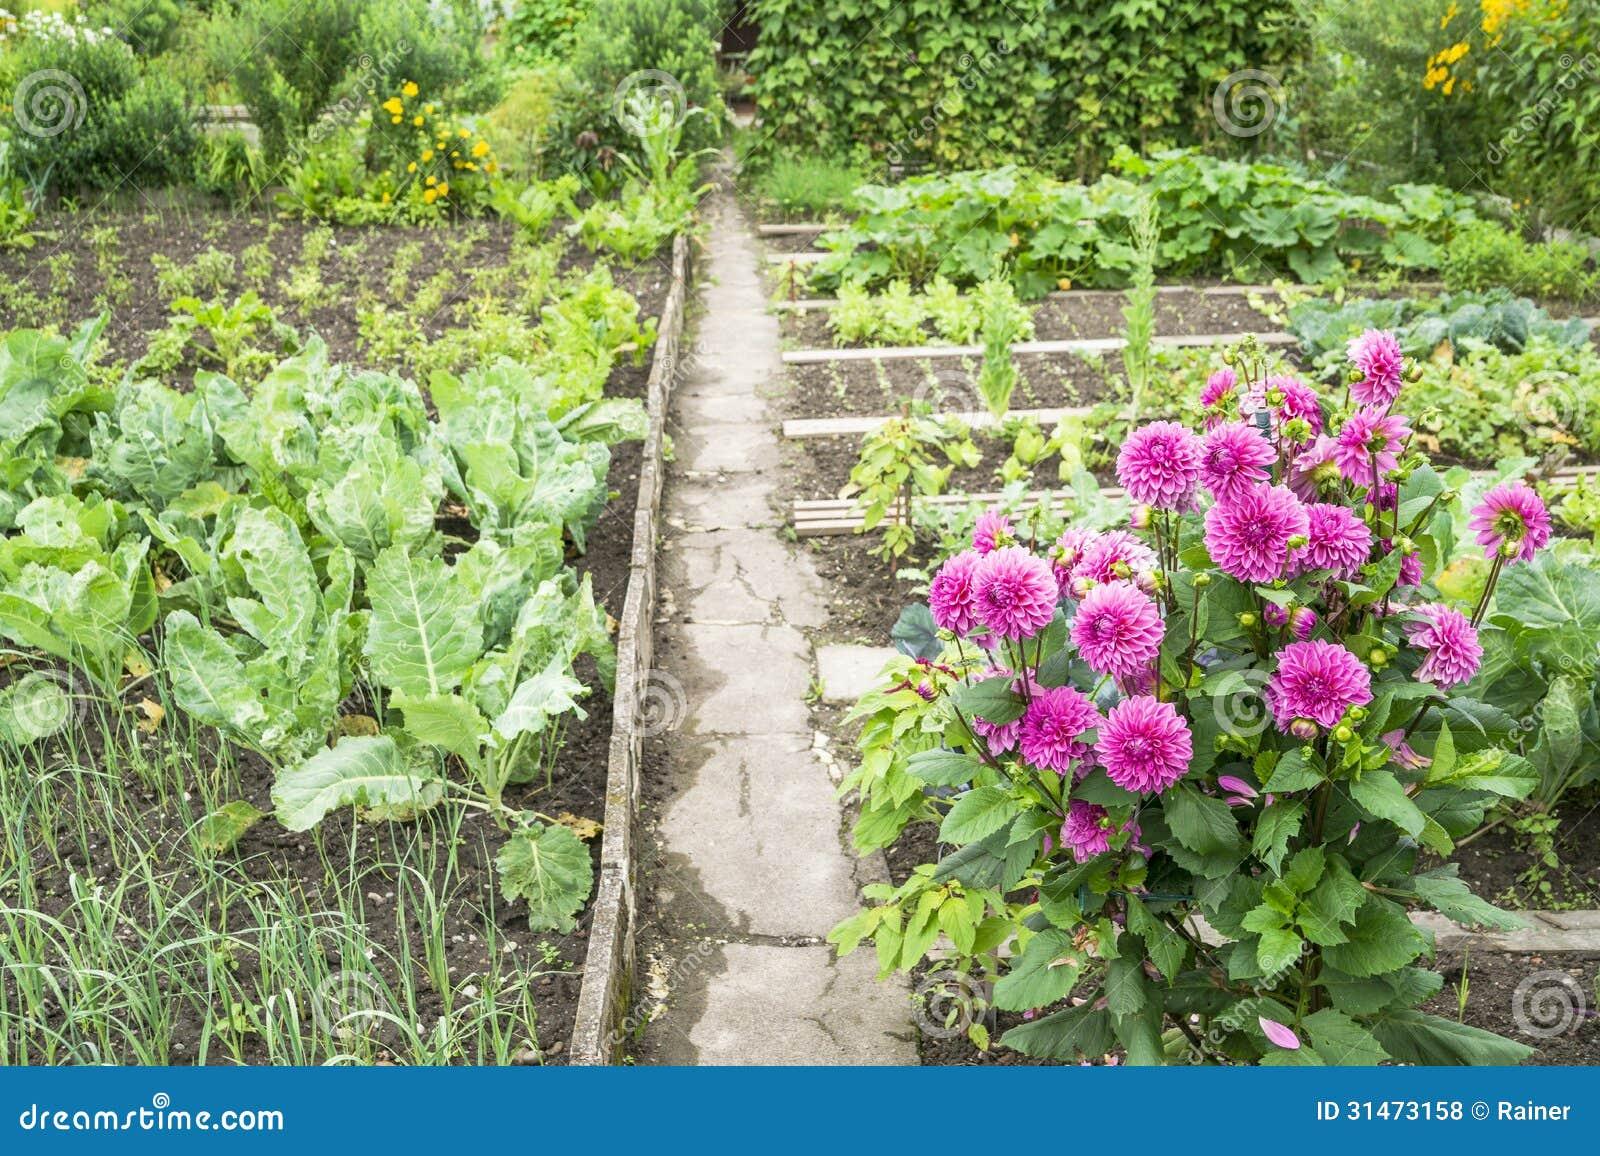 Dahlias in a vegetable garden royalty free stock photos for Garden vegetable patch